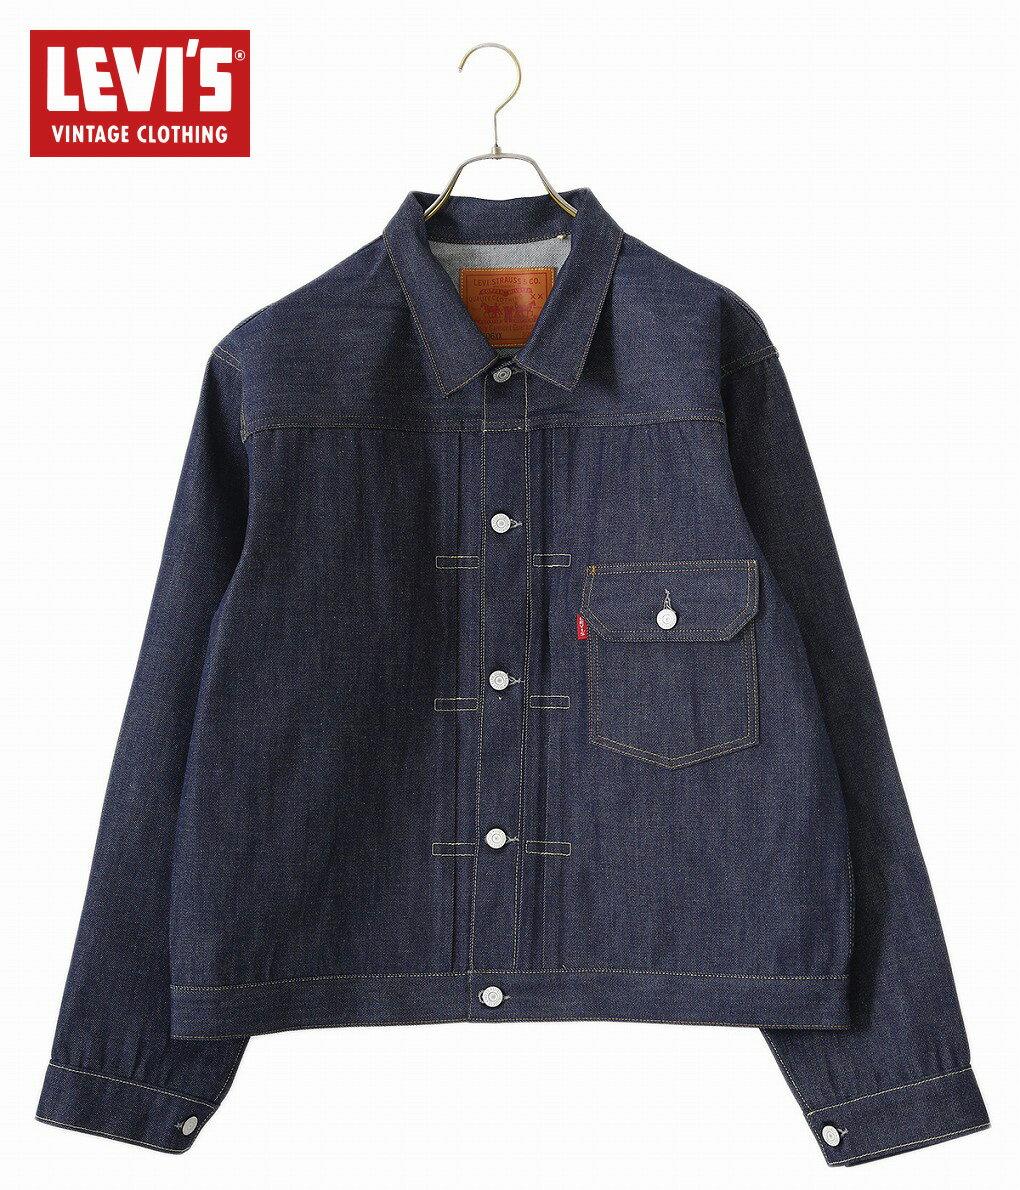 メンズファッション, コート・ジャケット LEVIS VINTAGE CLOTHING : 1936 TYPE 1 JACKET : 1936 1 G LVC : 70506-0024AST